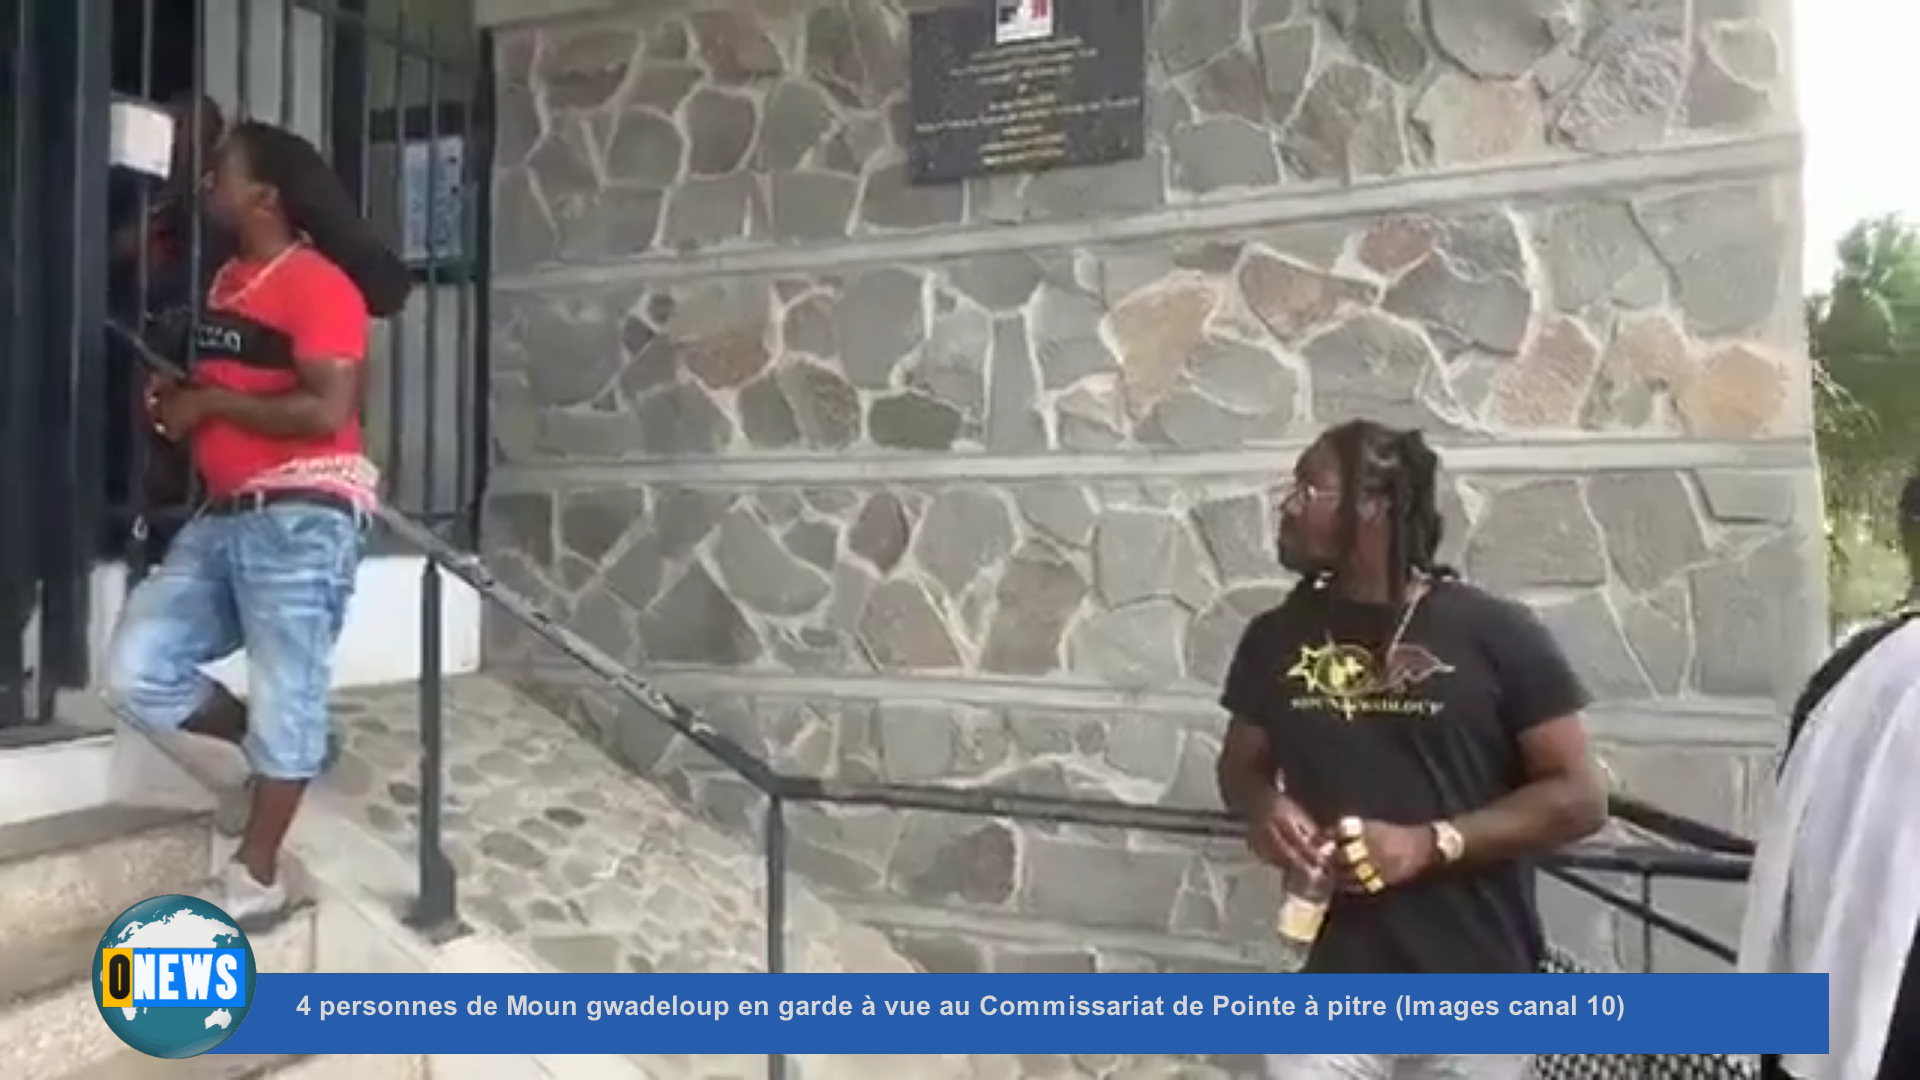 [Vidéo] Onews Guadeloupe. 4 personnes de Moun gwadeloup en garde à vue au Commissariat de Pointe à pitre (Images canal 10)